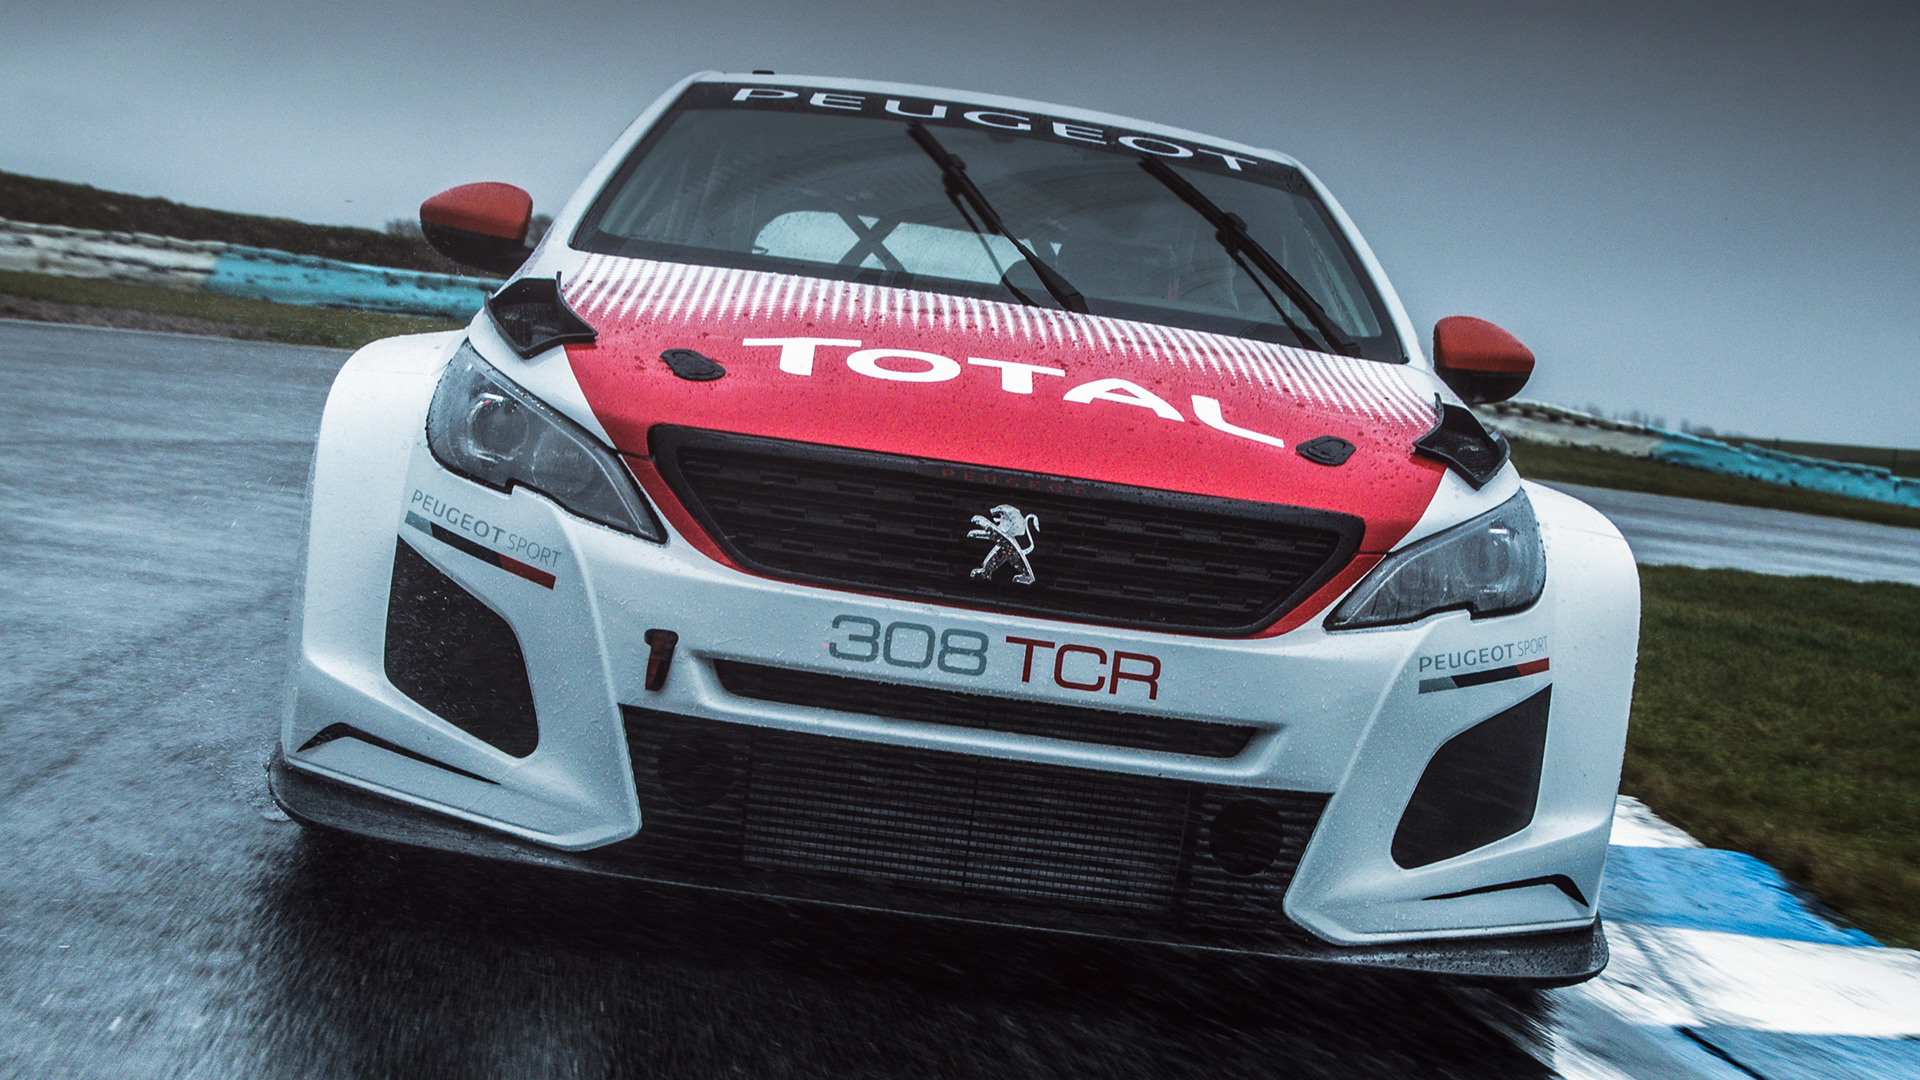 2018 Peugeot 308 Tcr Fondo De Pantalla Hd Fondo De